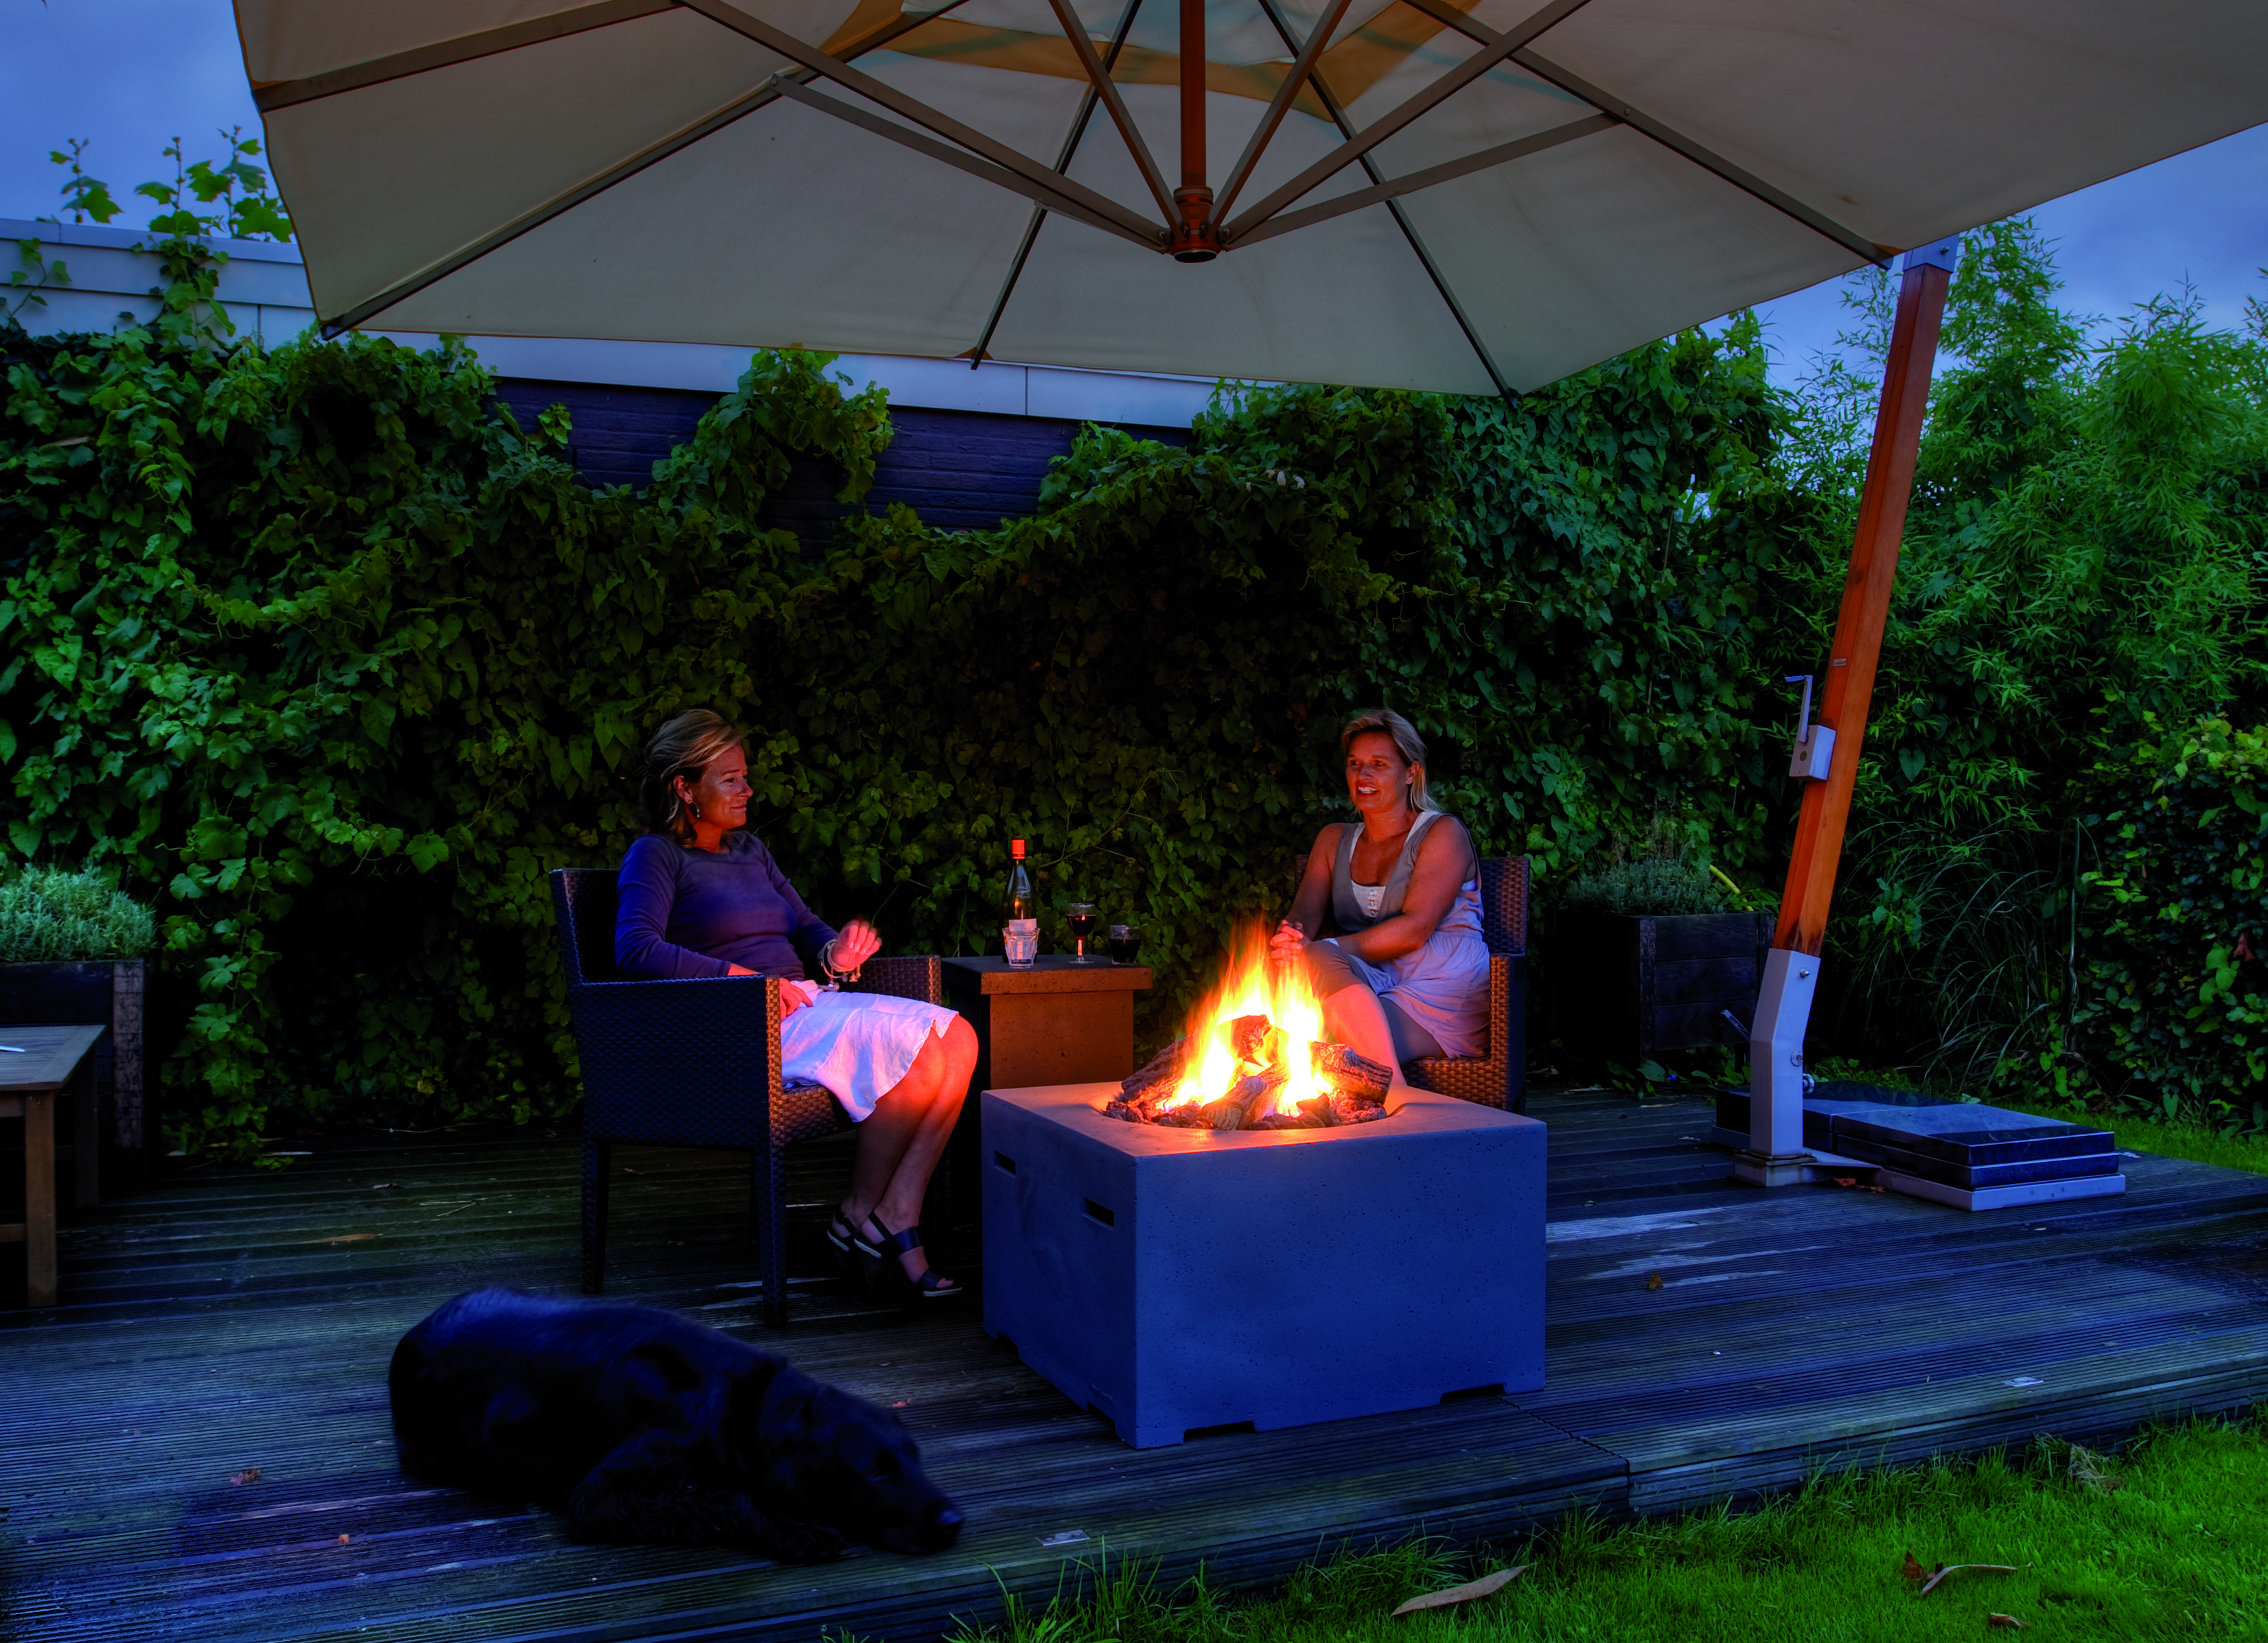 presse garten und terrassen feuerstellen gem tlichkeit und w rme auf knopfdruck. Black Bedroom Furniture Sets. Home Design Ideas